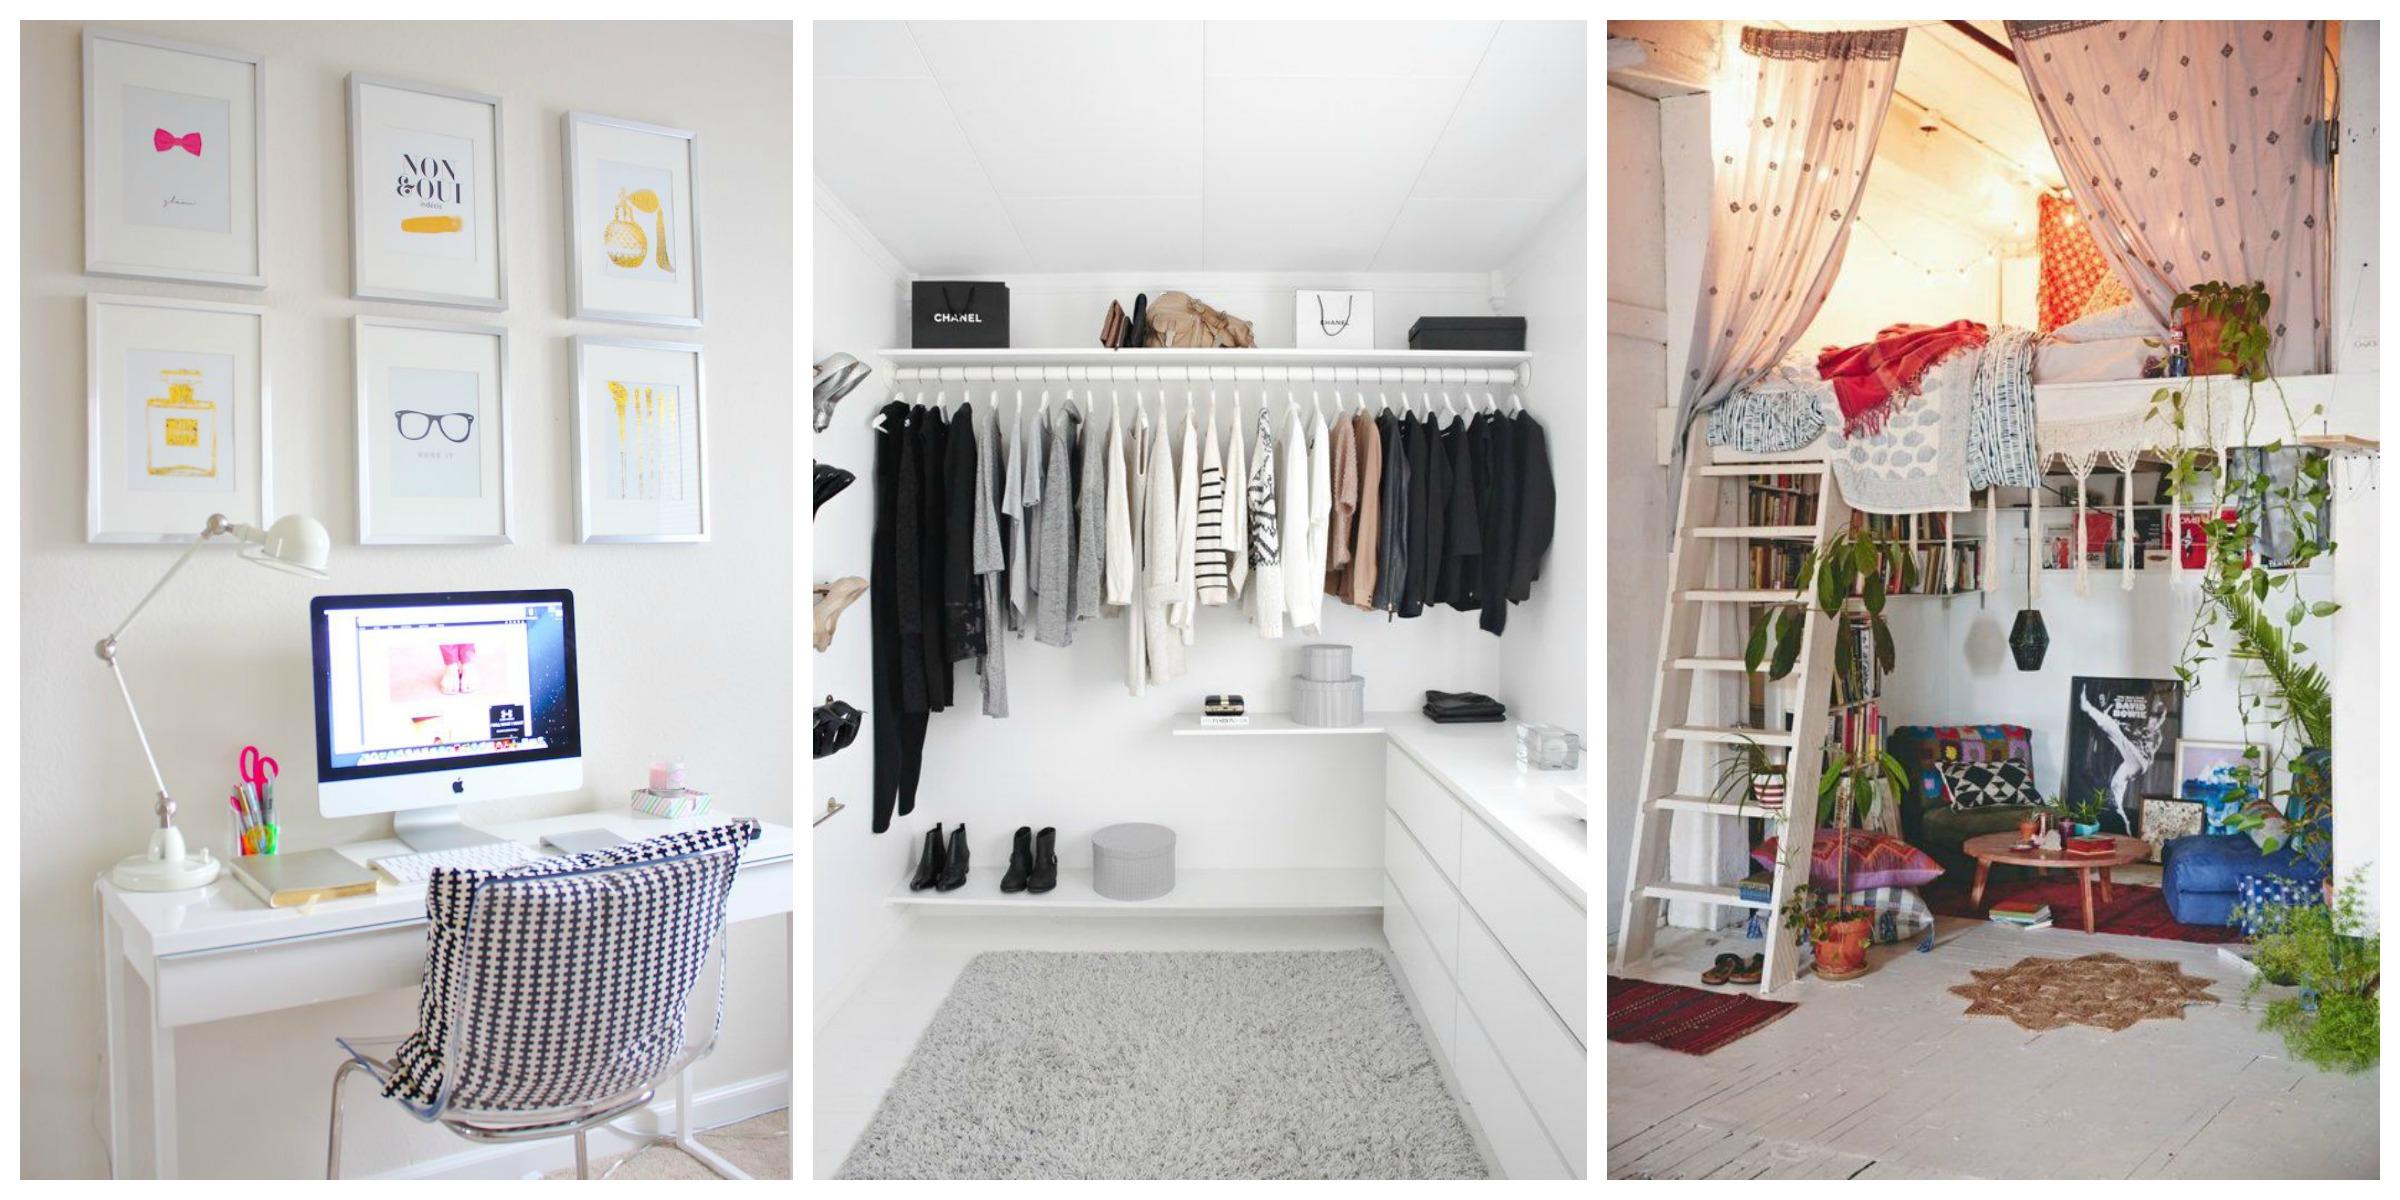 Diy Kamer Decoratie : Decoratie voor slaapkamer maken diy decoratie met